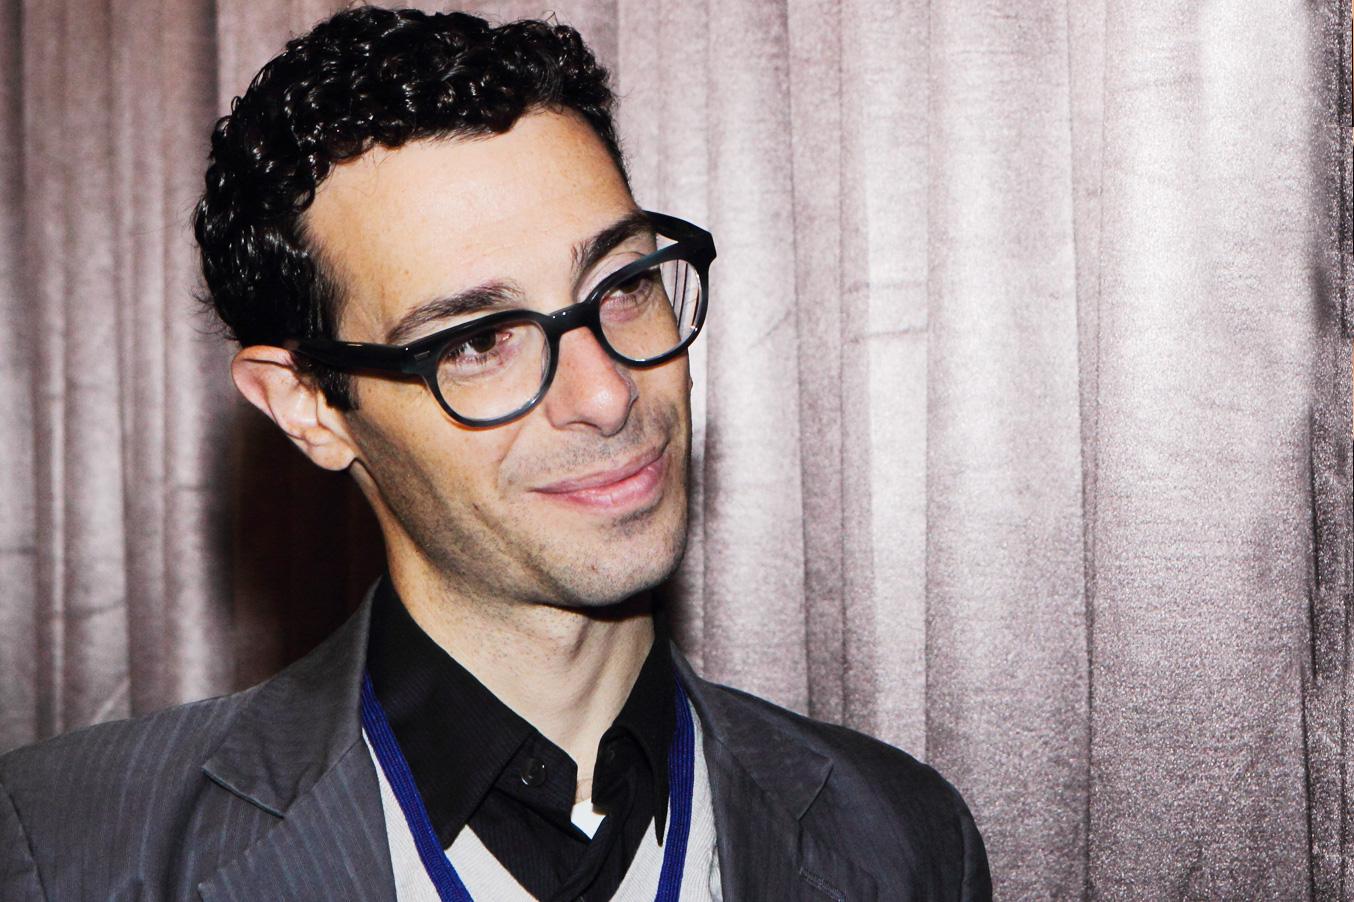 西西里亞諾表示,《HQ事件的真相》也是他個人在出版經歷上的突破。照片提供/光磊國際版權經紀公司